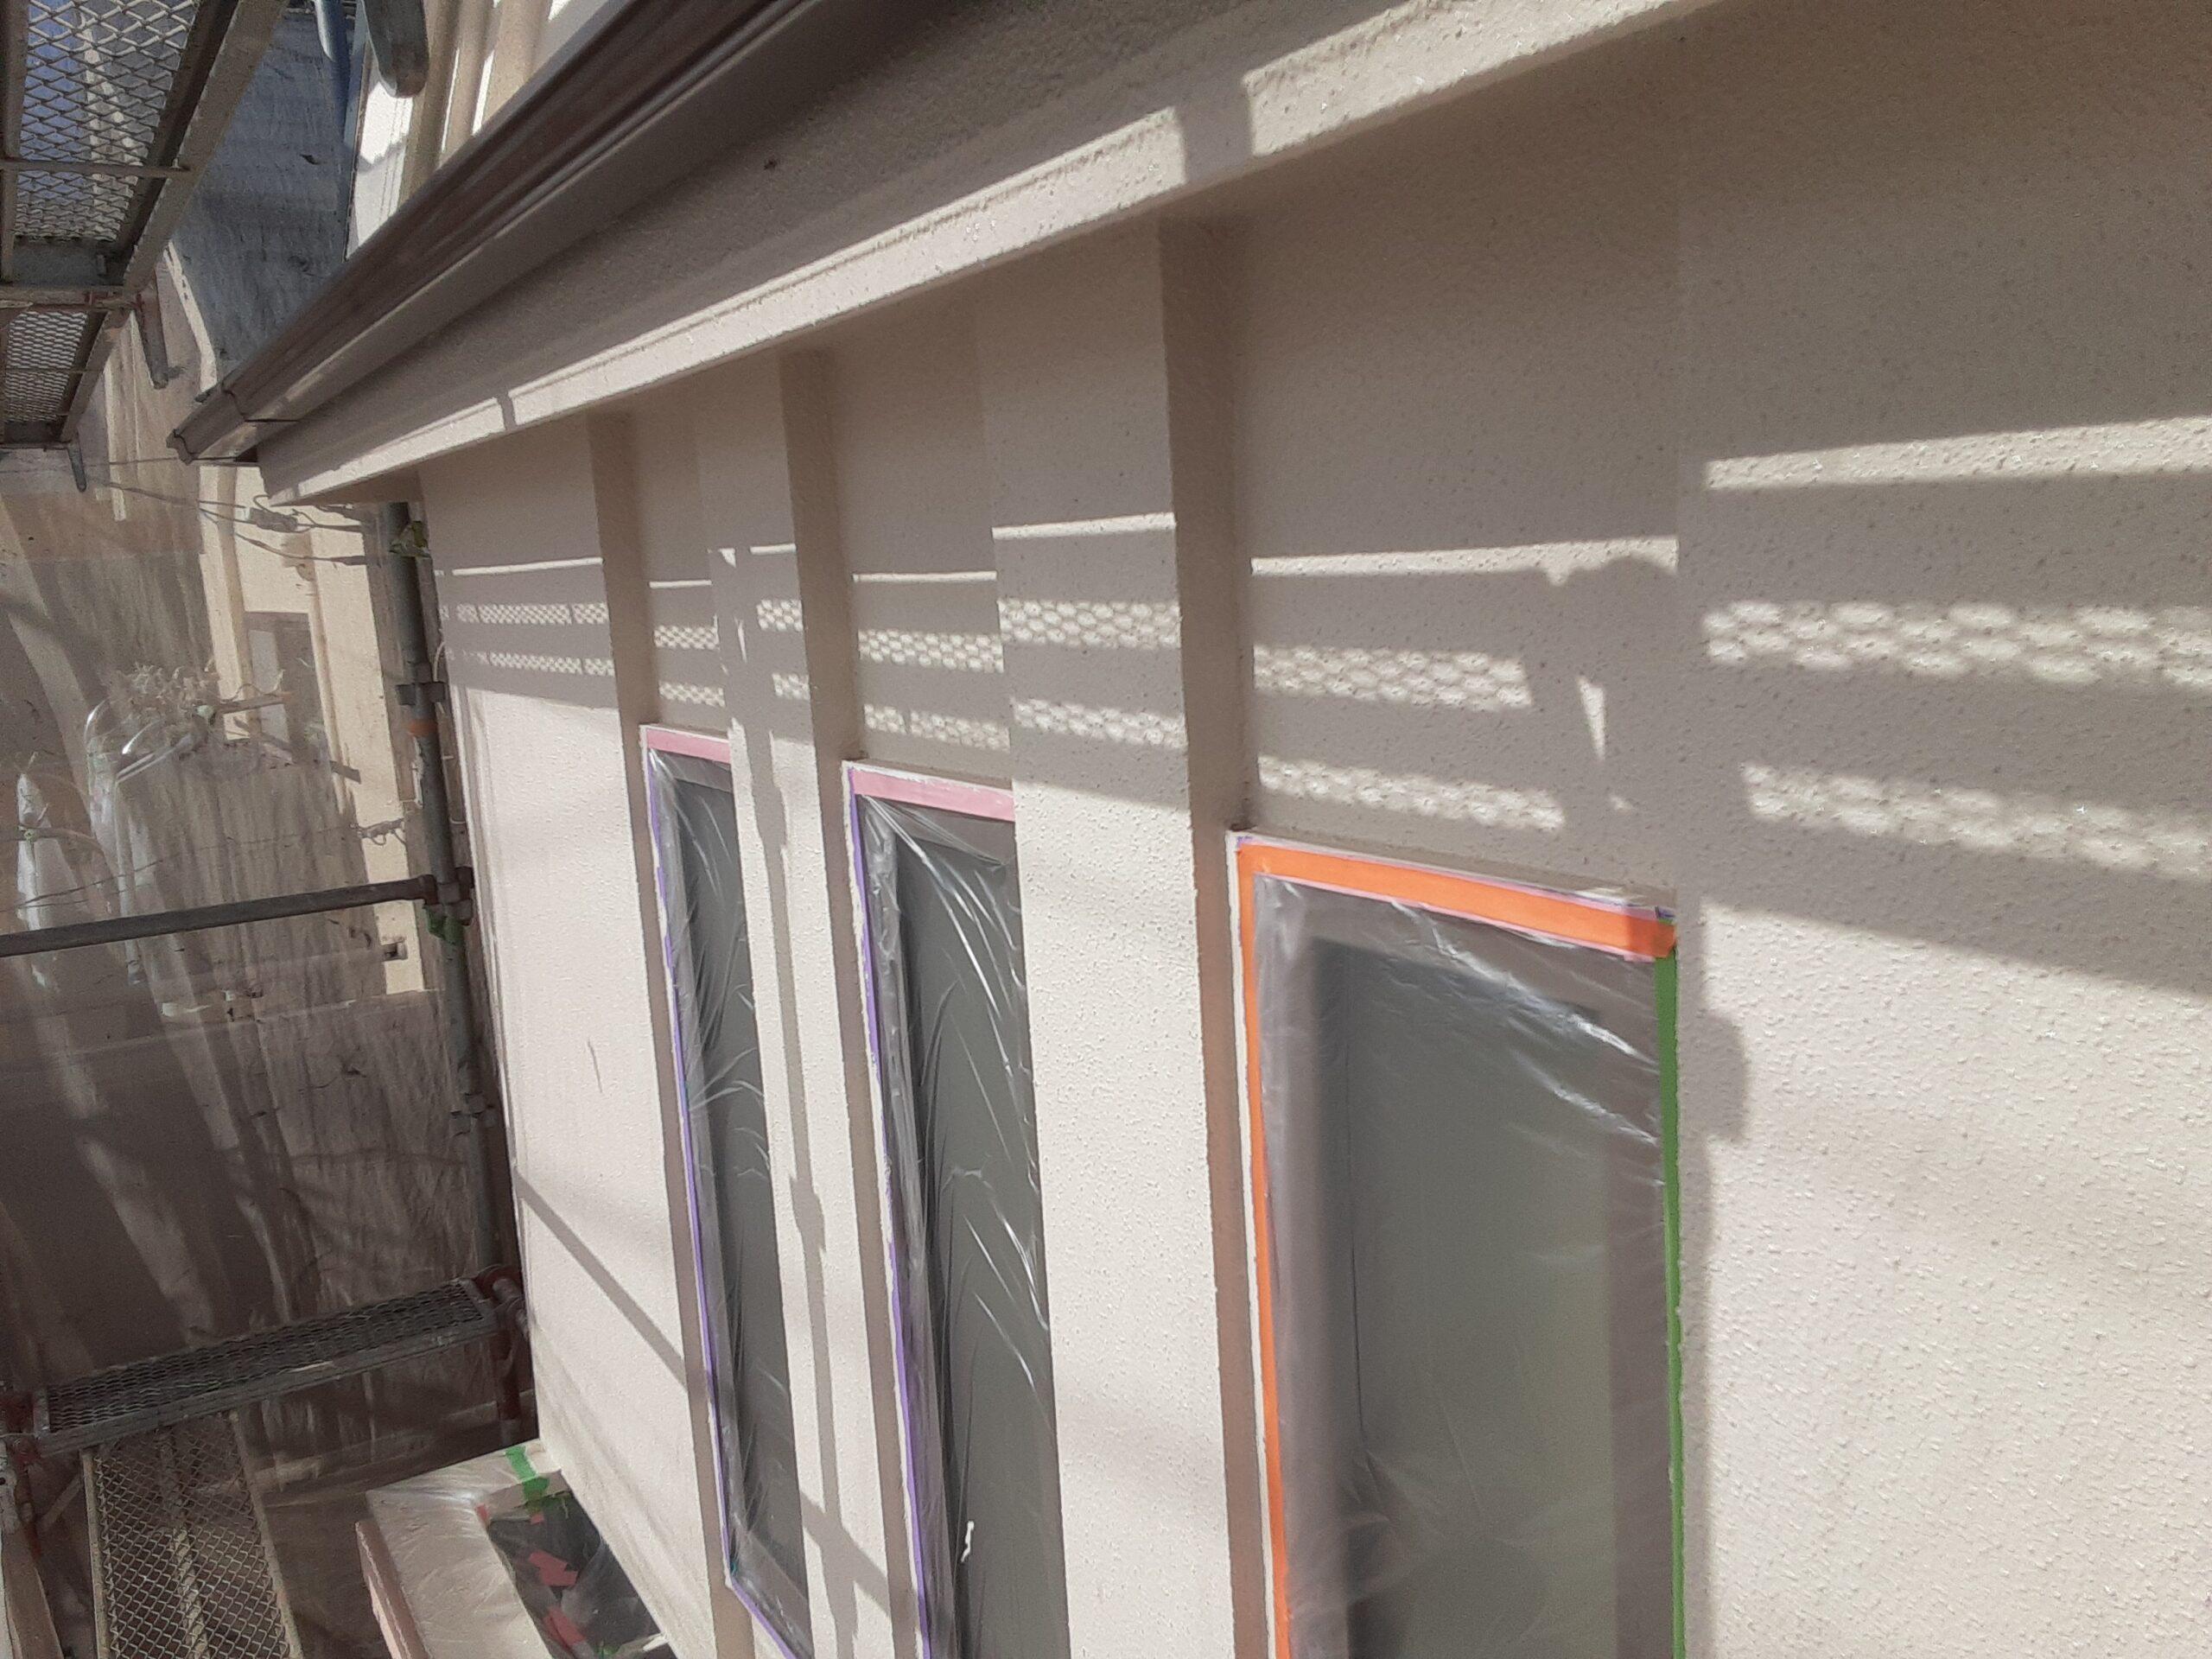 埼玉県さいたま市 屋根、外壁の仕上げ塗装/さいたま市大宮区の(木造2階建て)W様邸にて塗り替えリホーム中